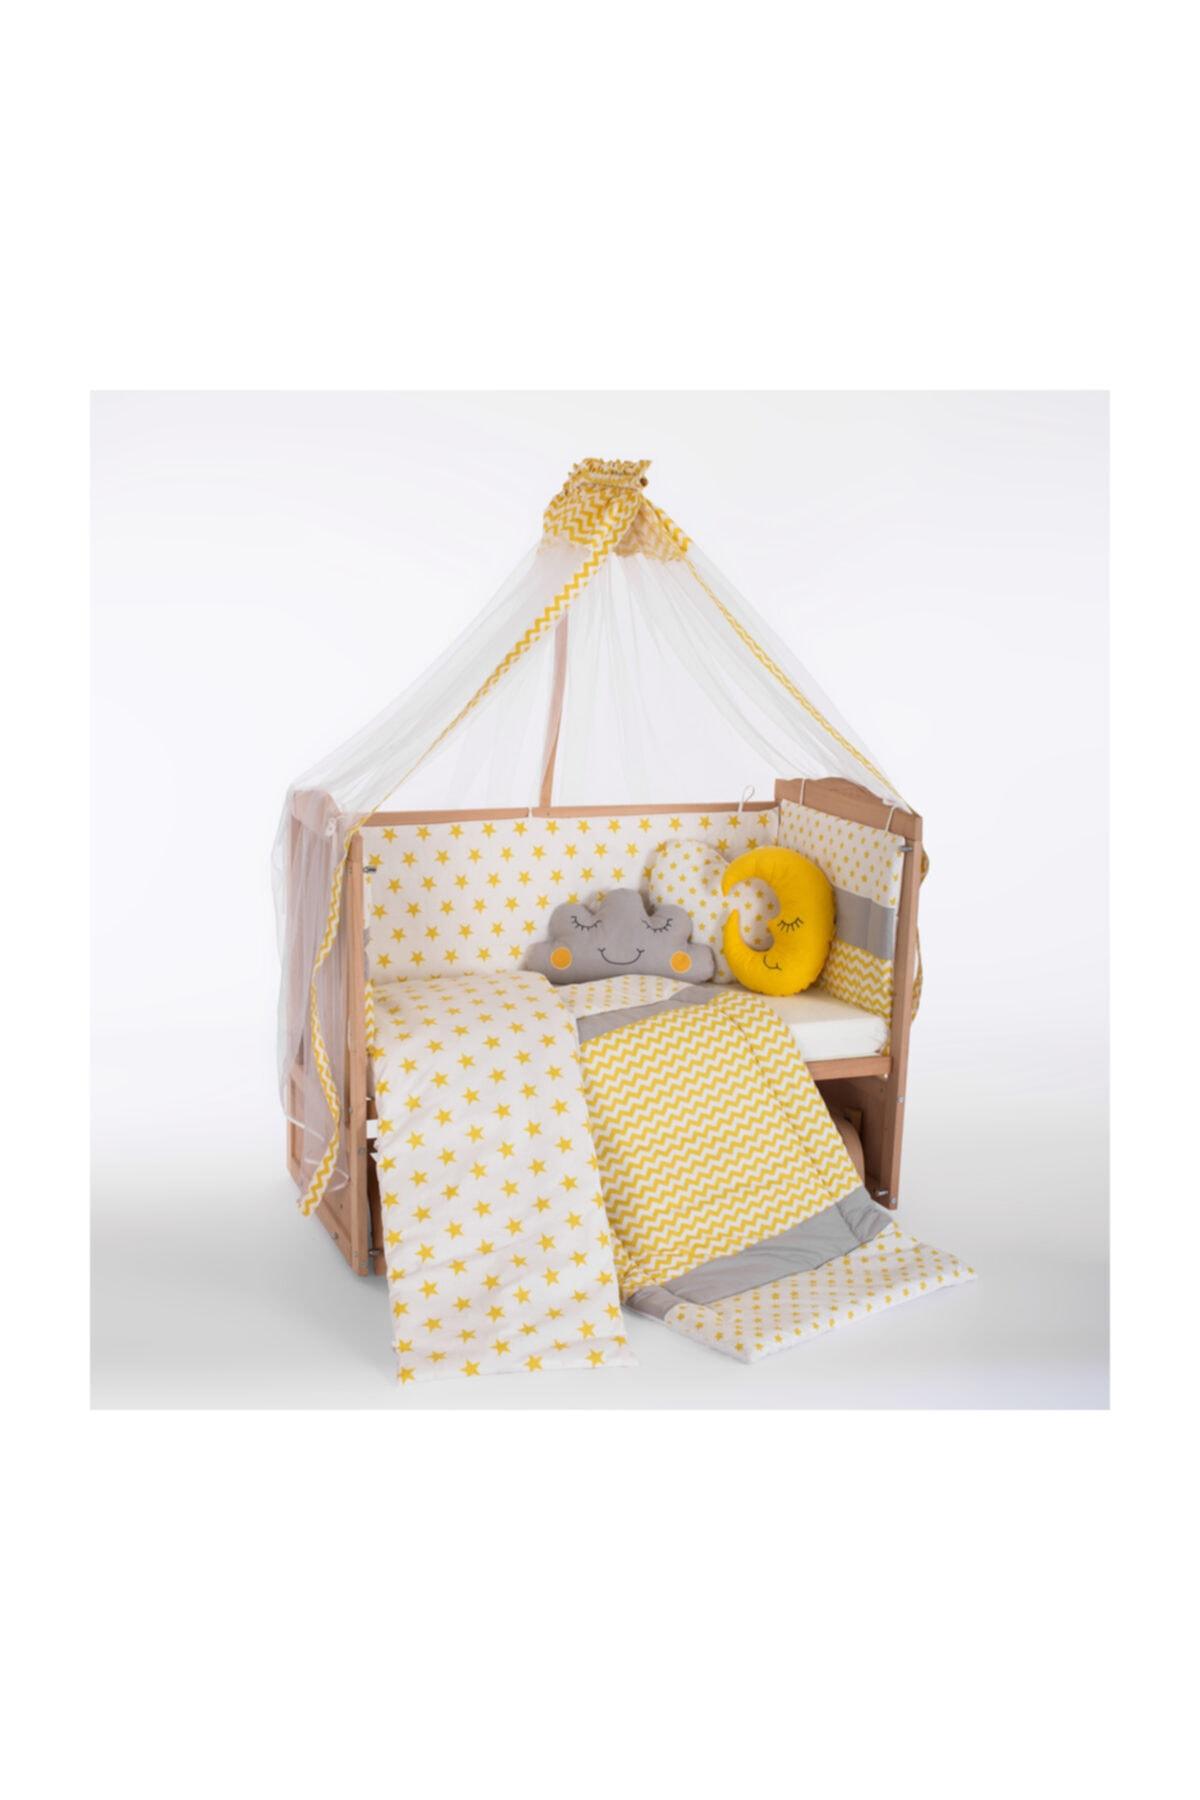 Heyner Ahşap Beşik Anne Yanı Beşik Sallanır Beşik Organik 60x120 + Sarı Yıldız Uyku Seti + Yatak 2